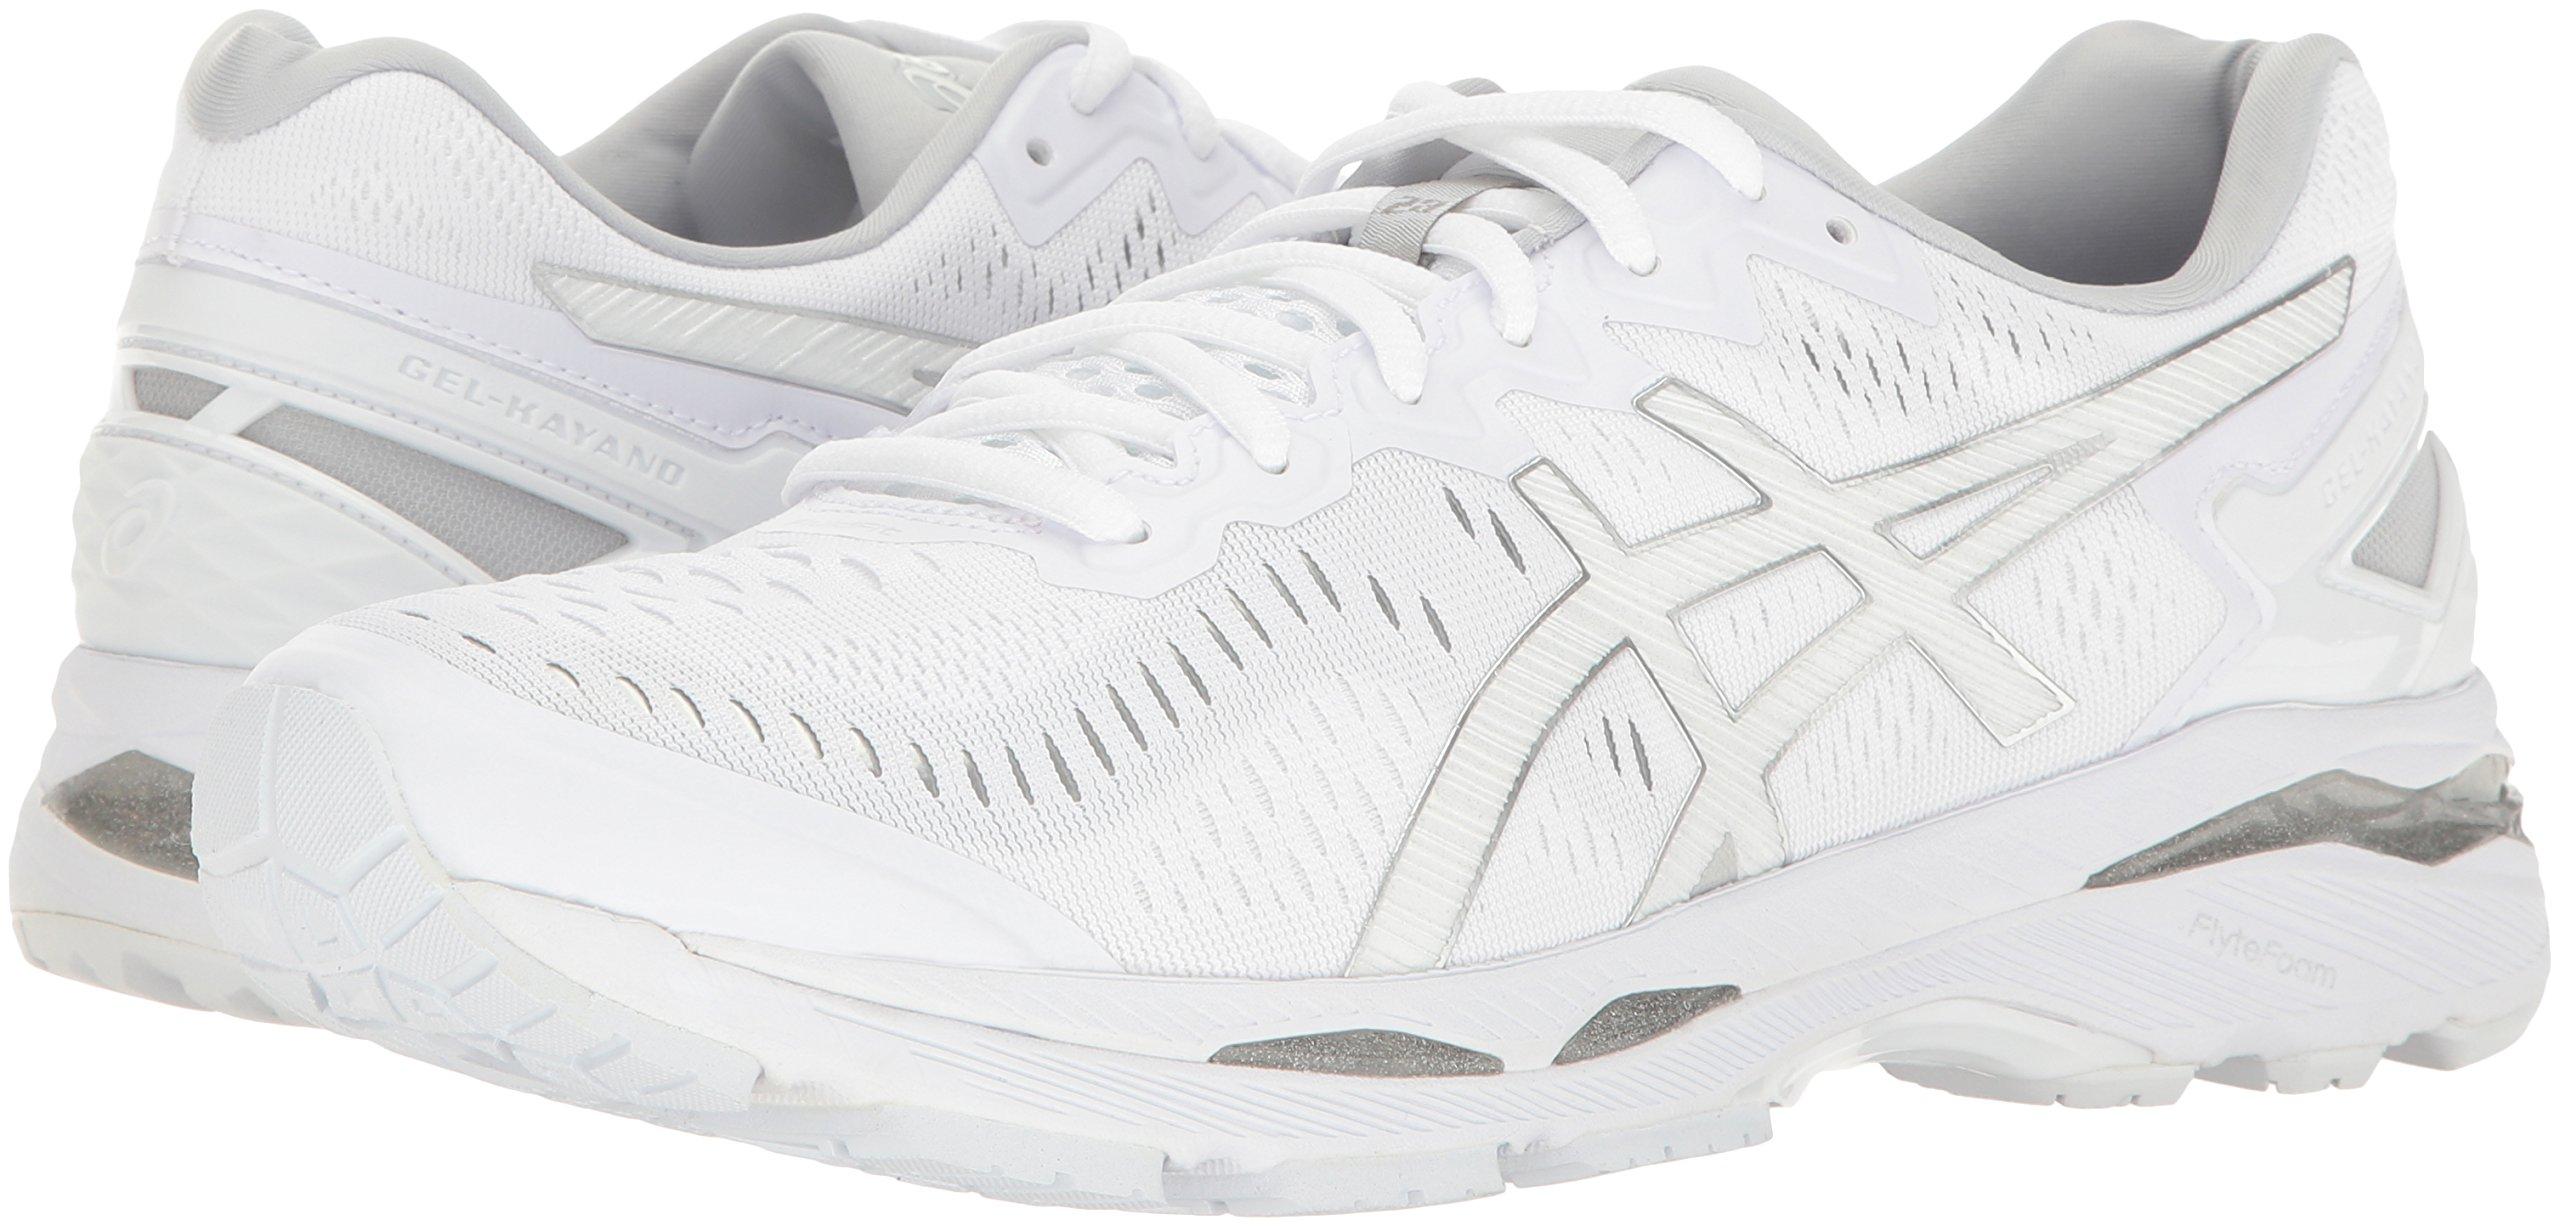 81C5llrHFvL - ASICS Men's Gel-Kayano 23 Running Shoe